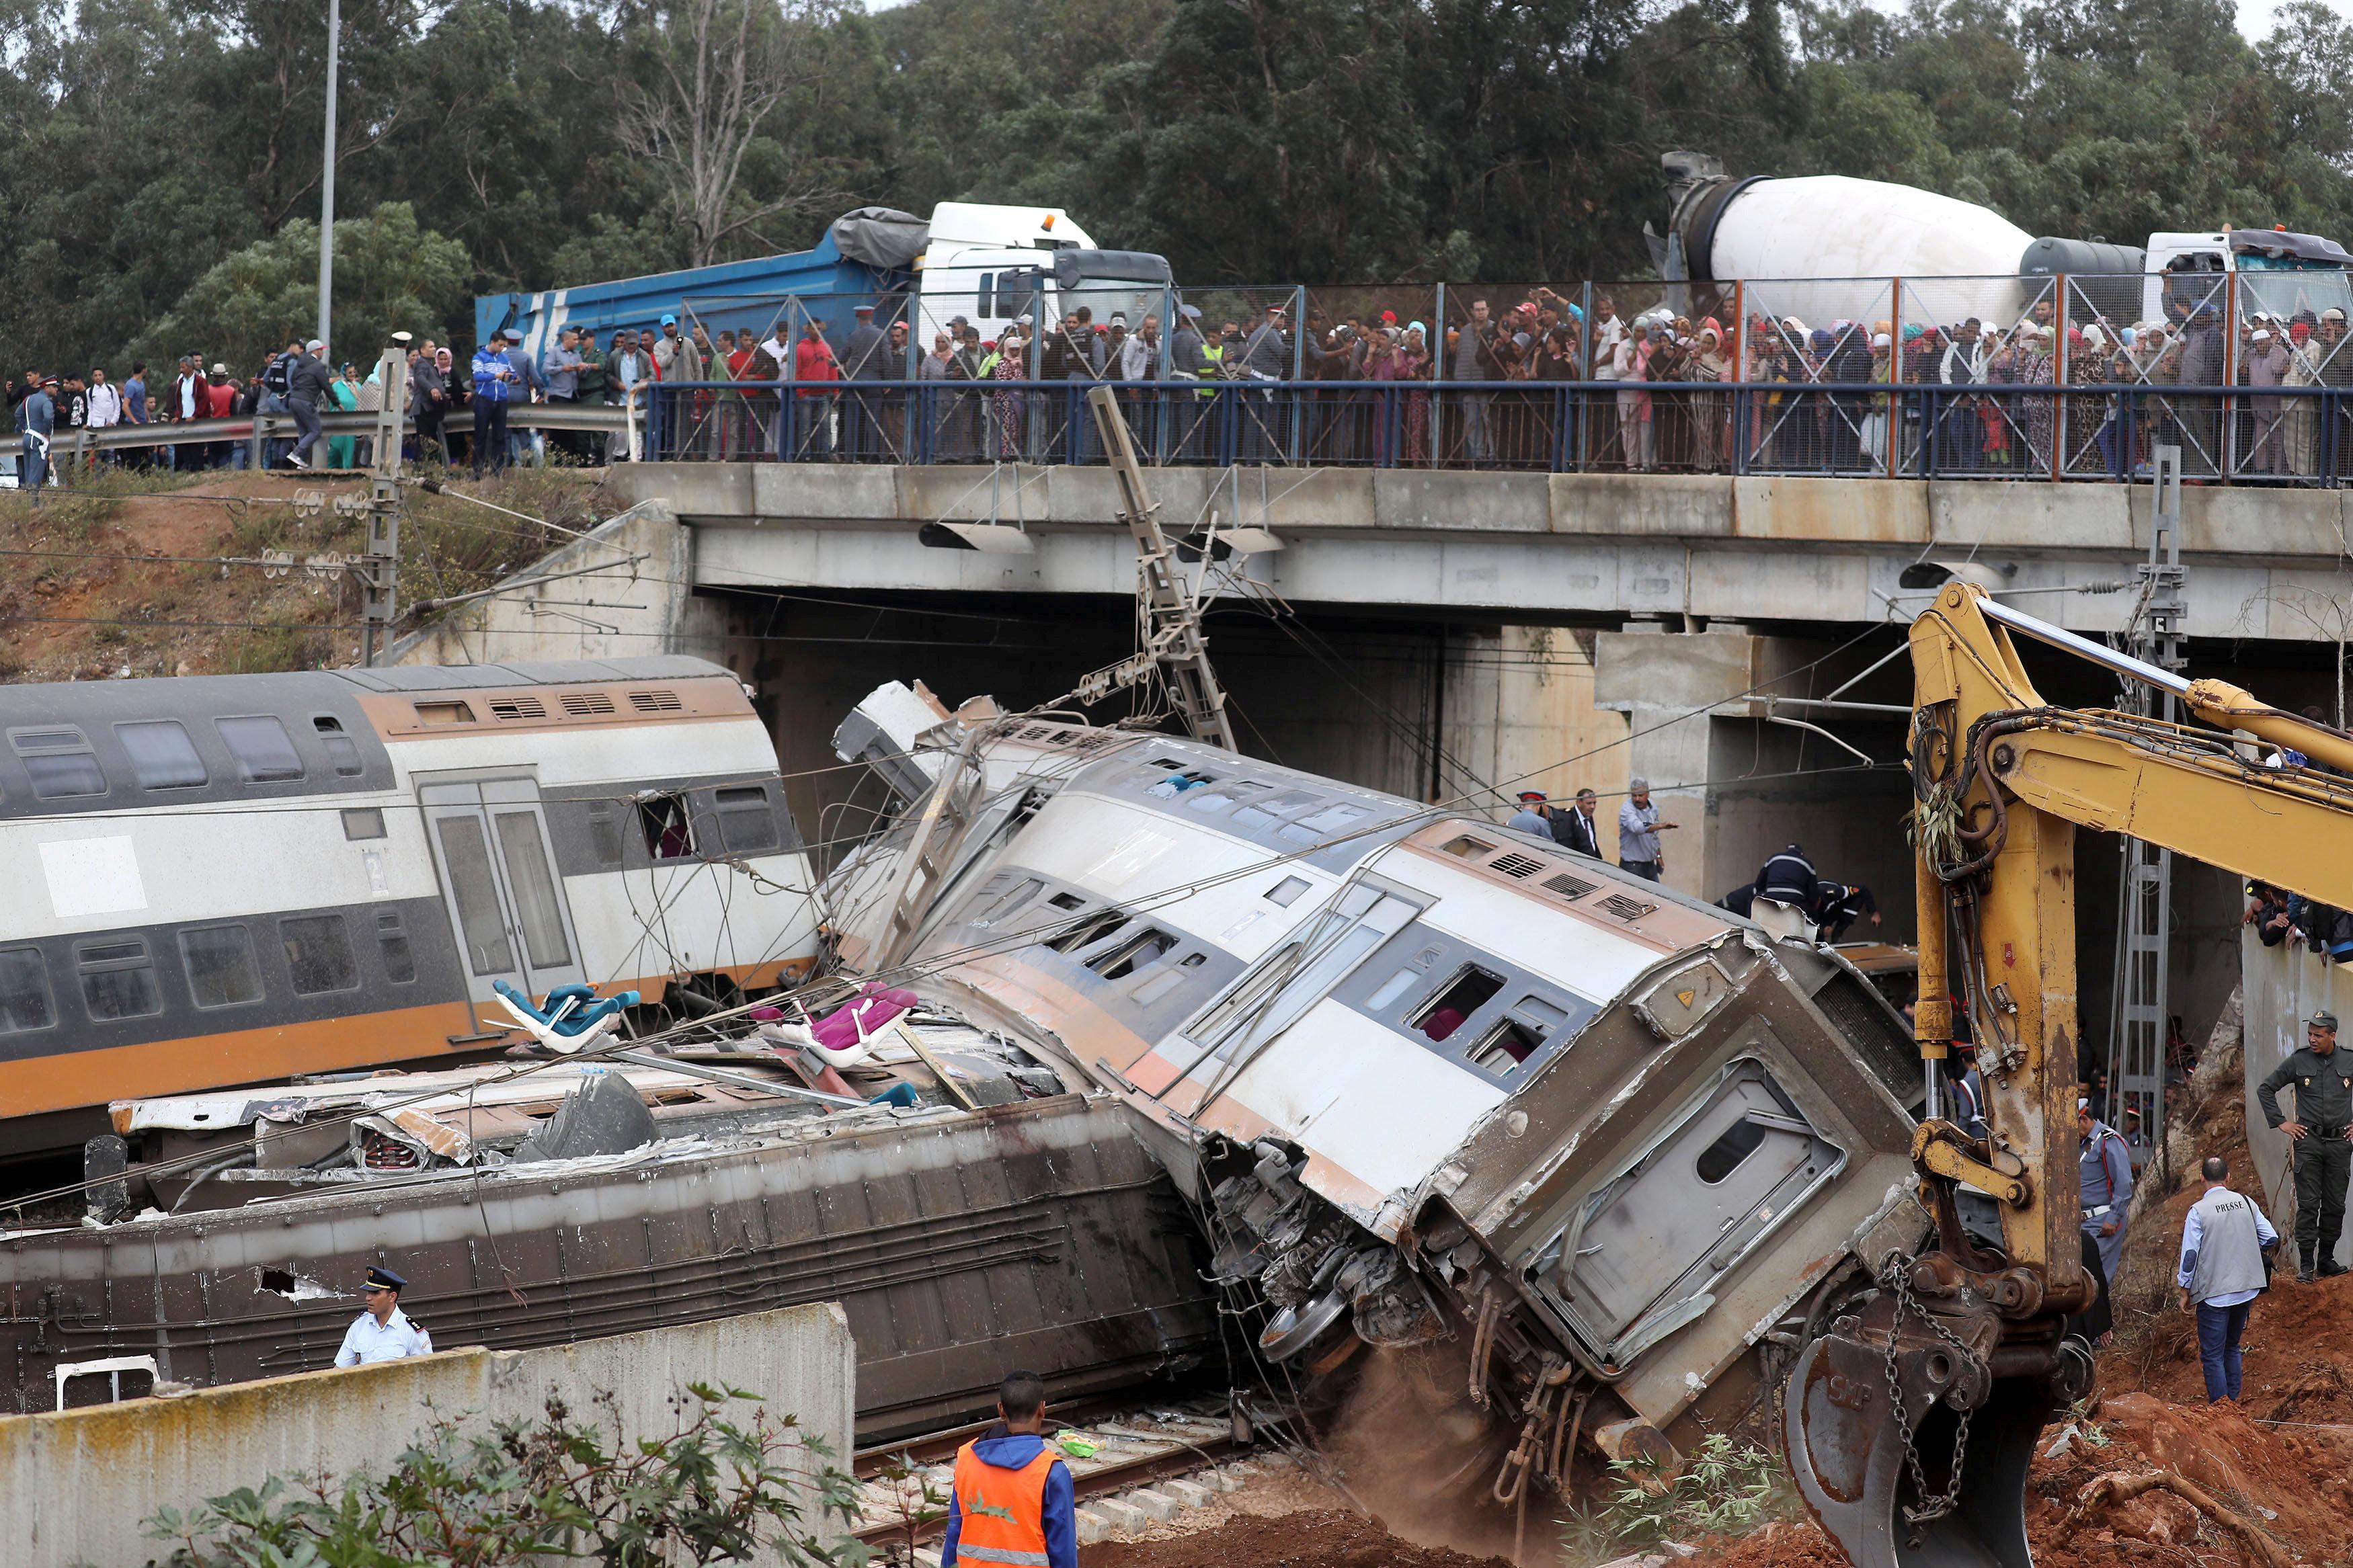 صور | ارتفاع عدد ضحايا حادث القطار بالمغرب إلى 6 أشخاص  و80 جريح